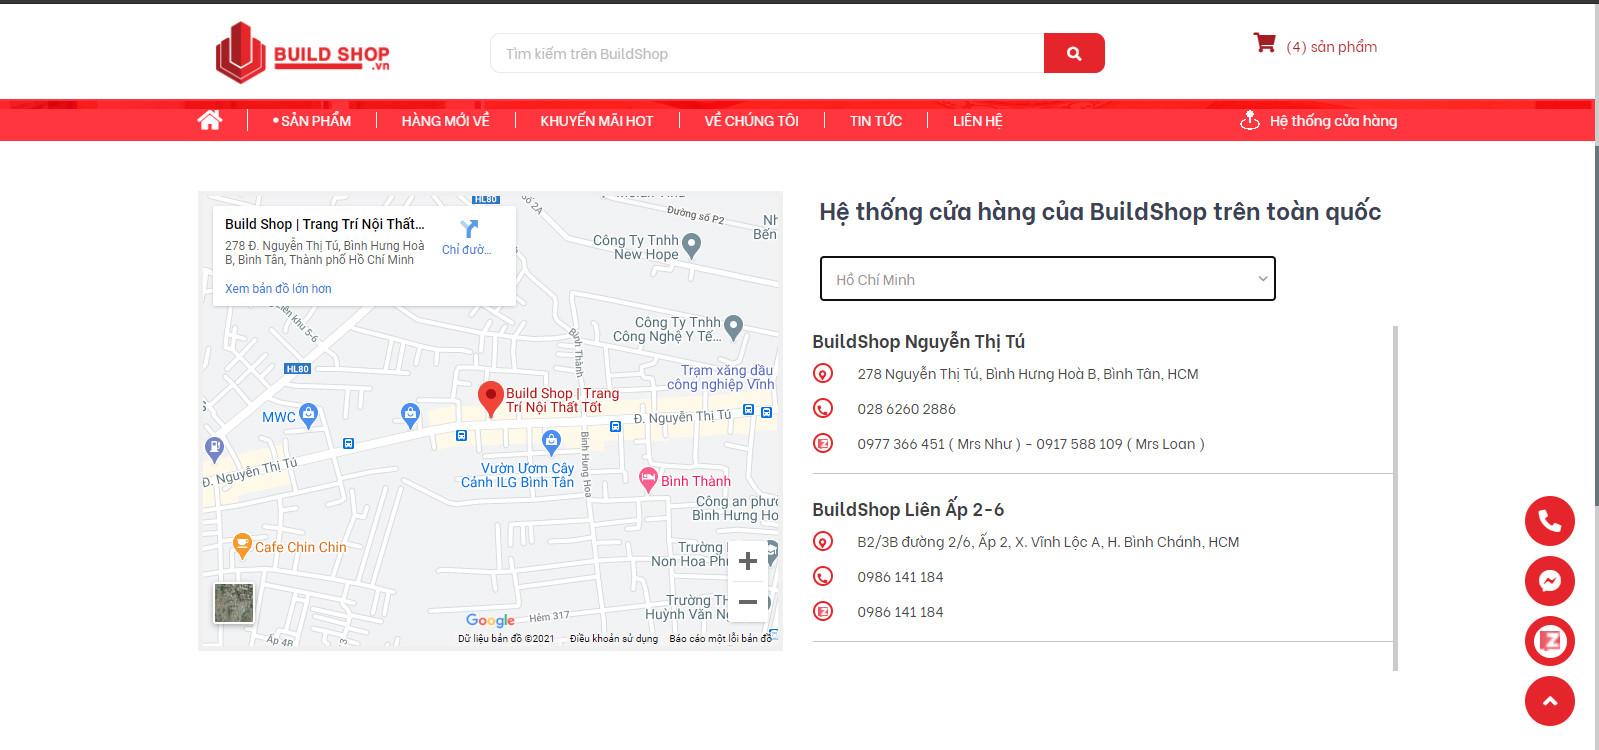 Hệ thống cửa hàng Build Shop